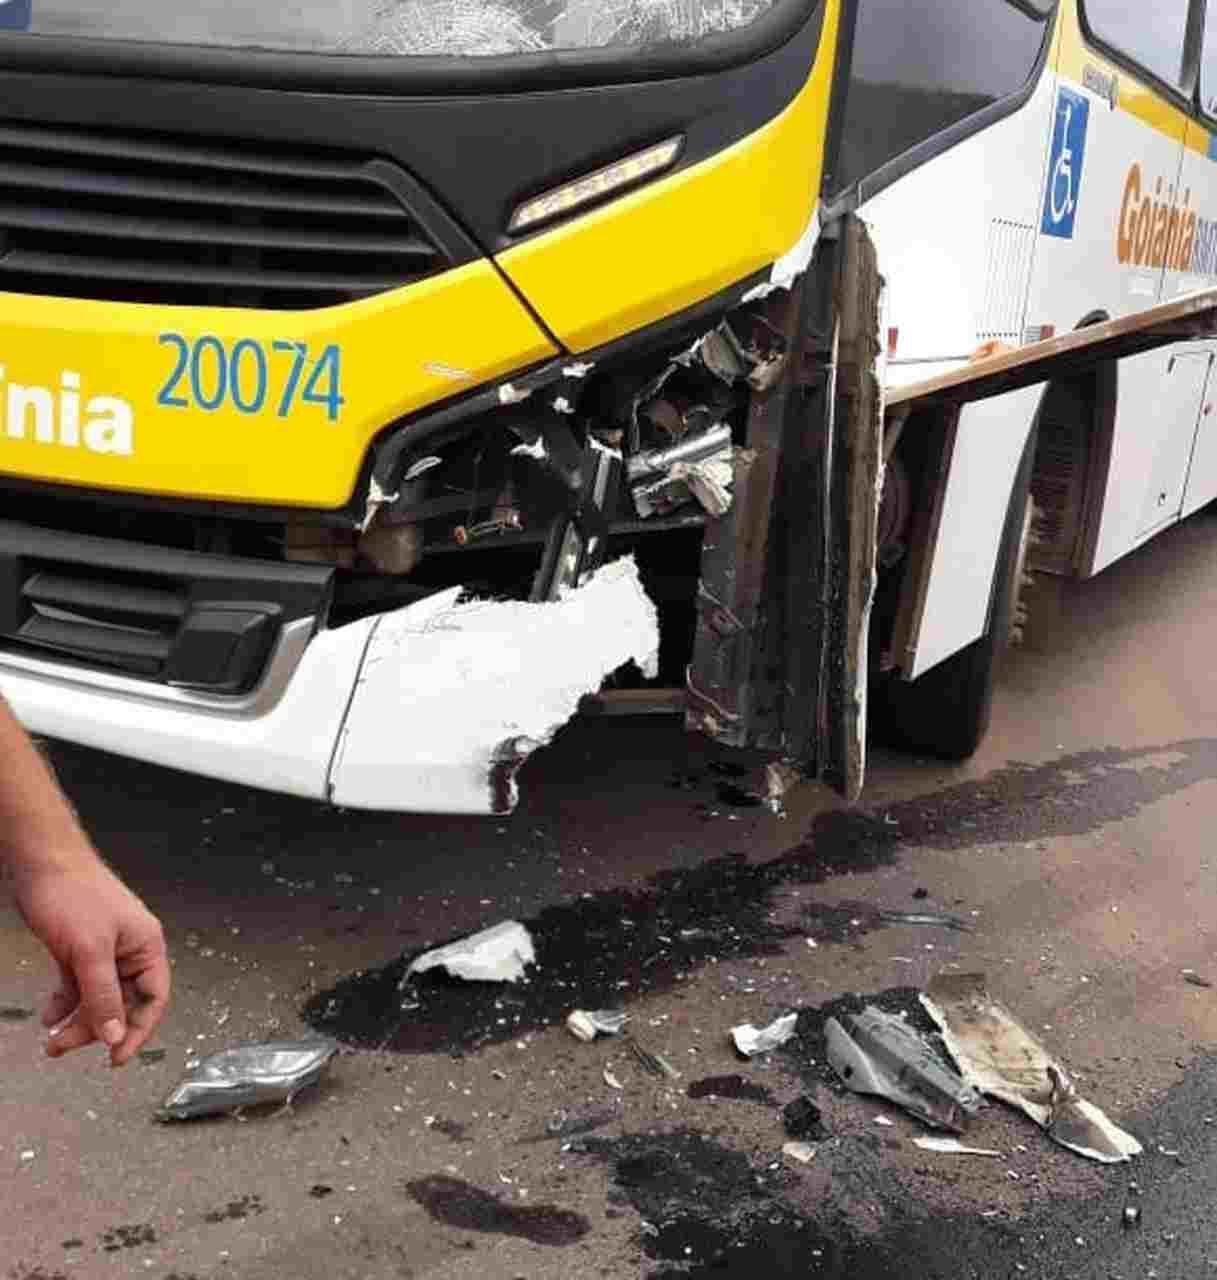 Acidente deixa motociclista com fraturas em membro superior e mandíbula | Foto: Divulgação